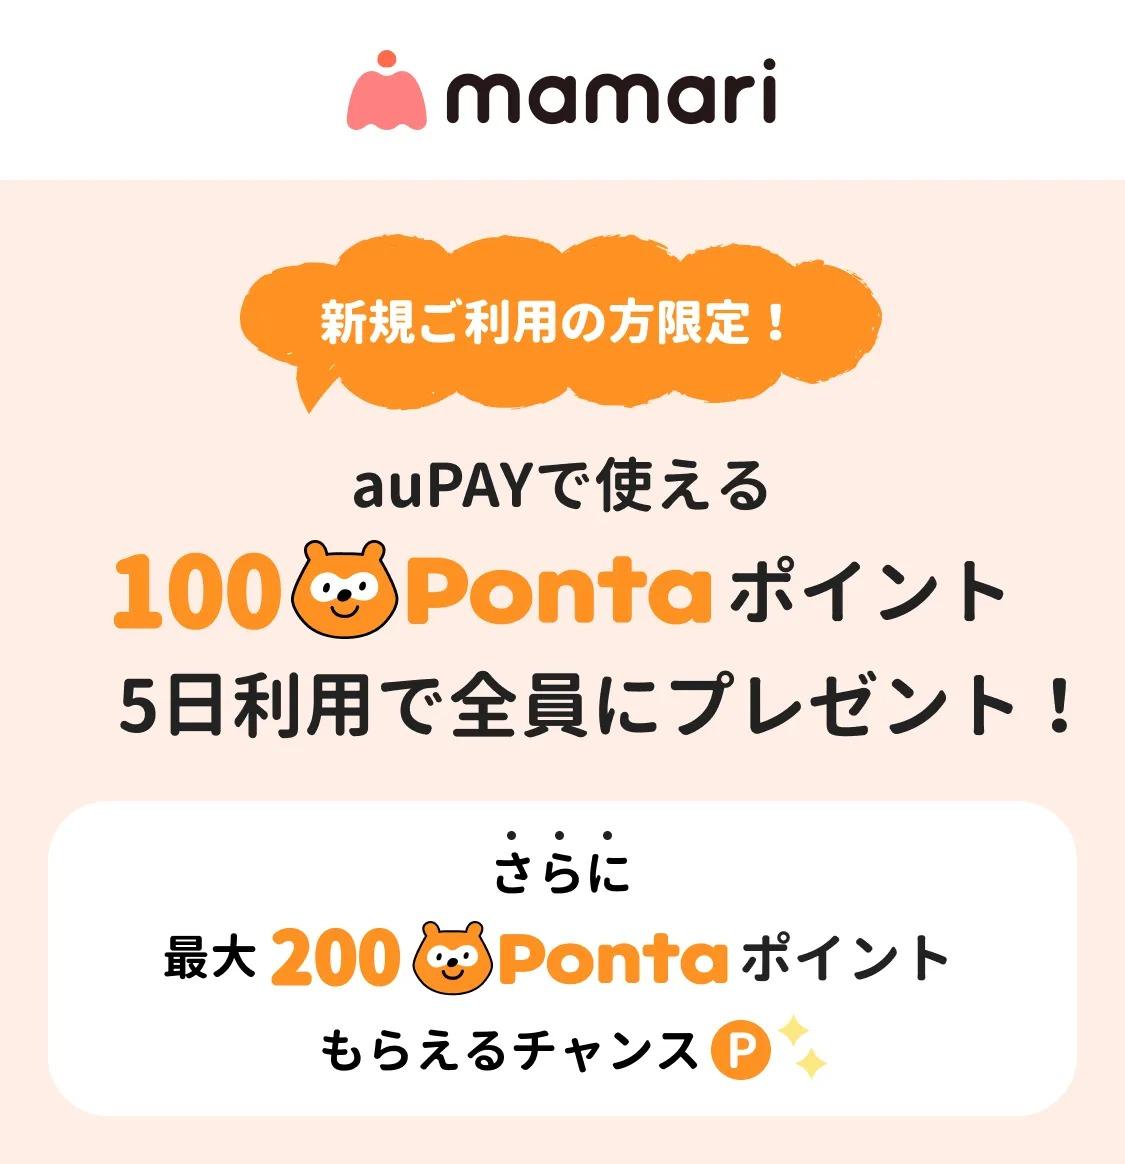 mamariアプリインストール&auIDログインで100Pontaがもれなく貰える。~11/13。